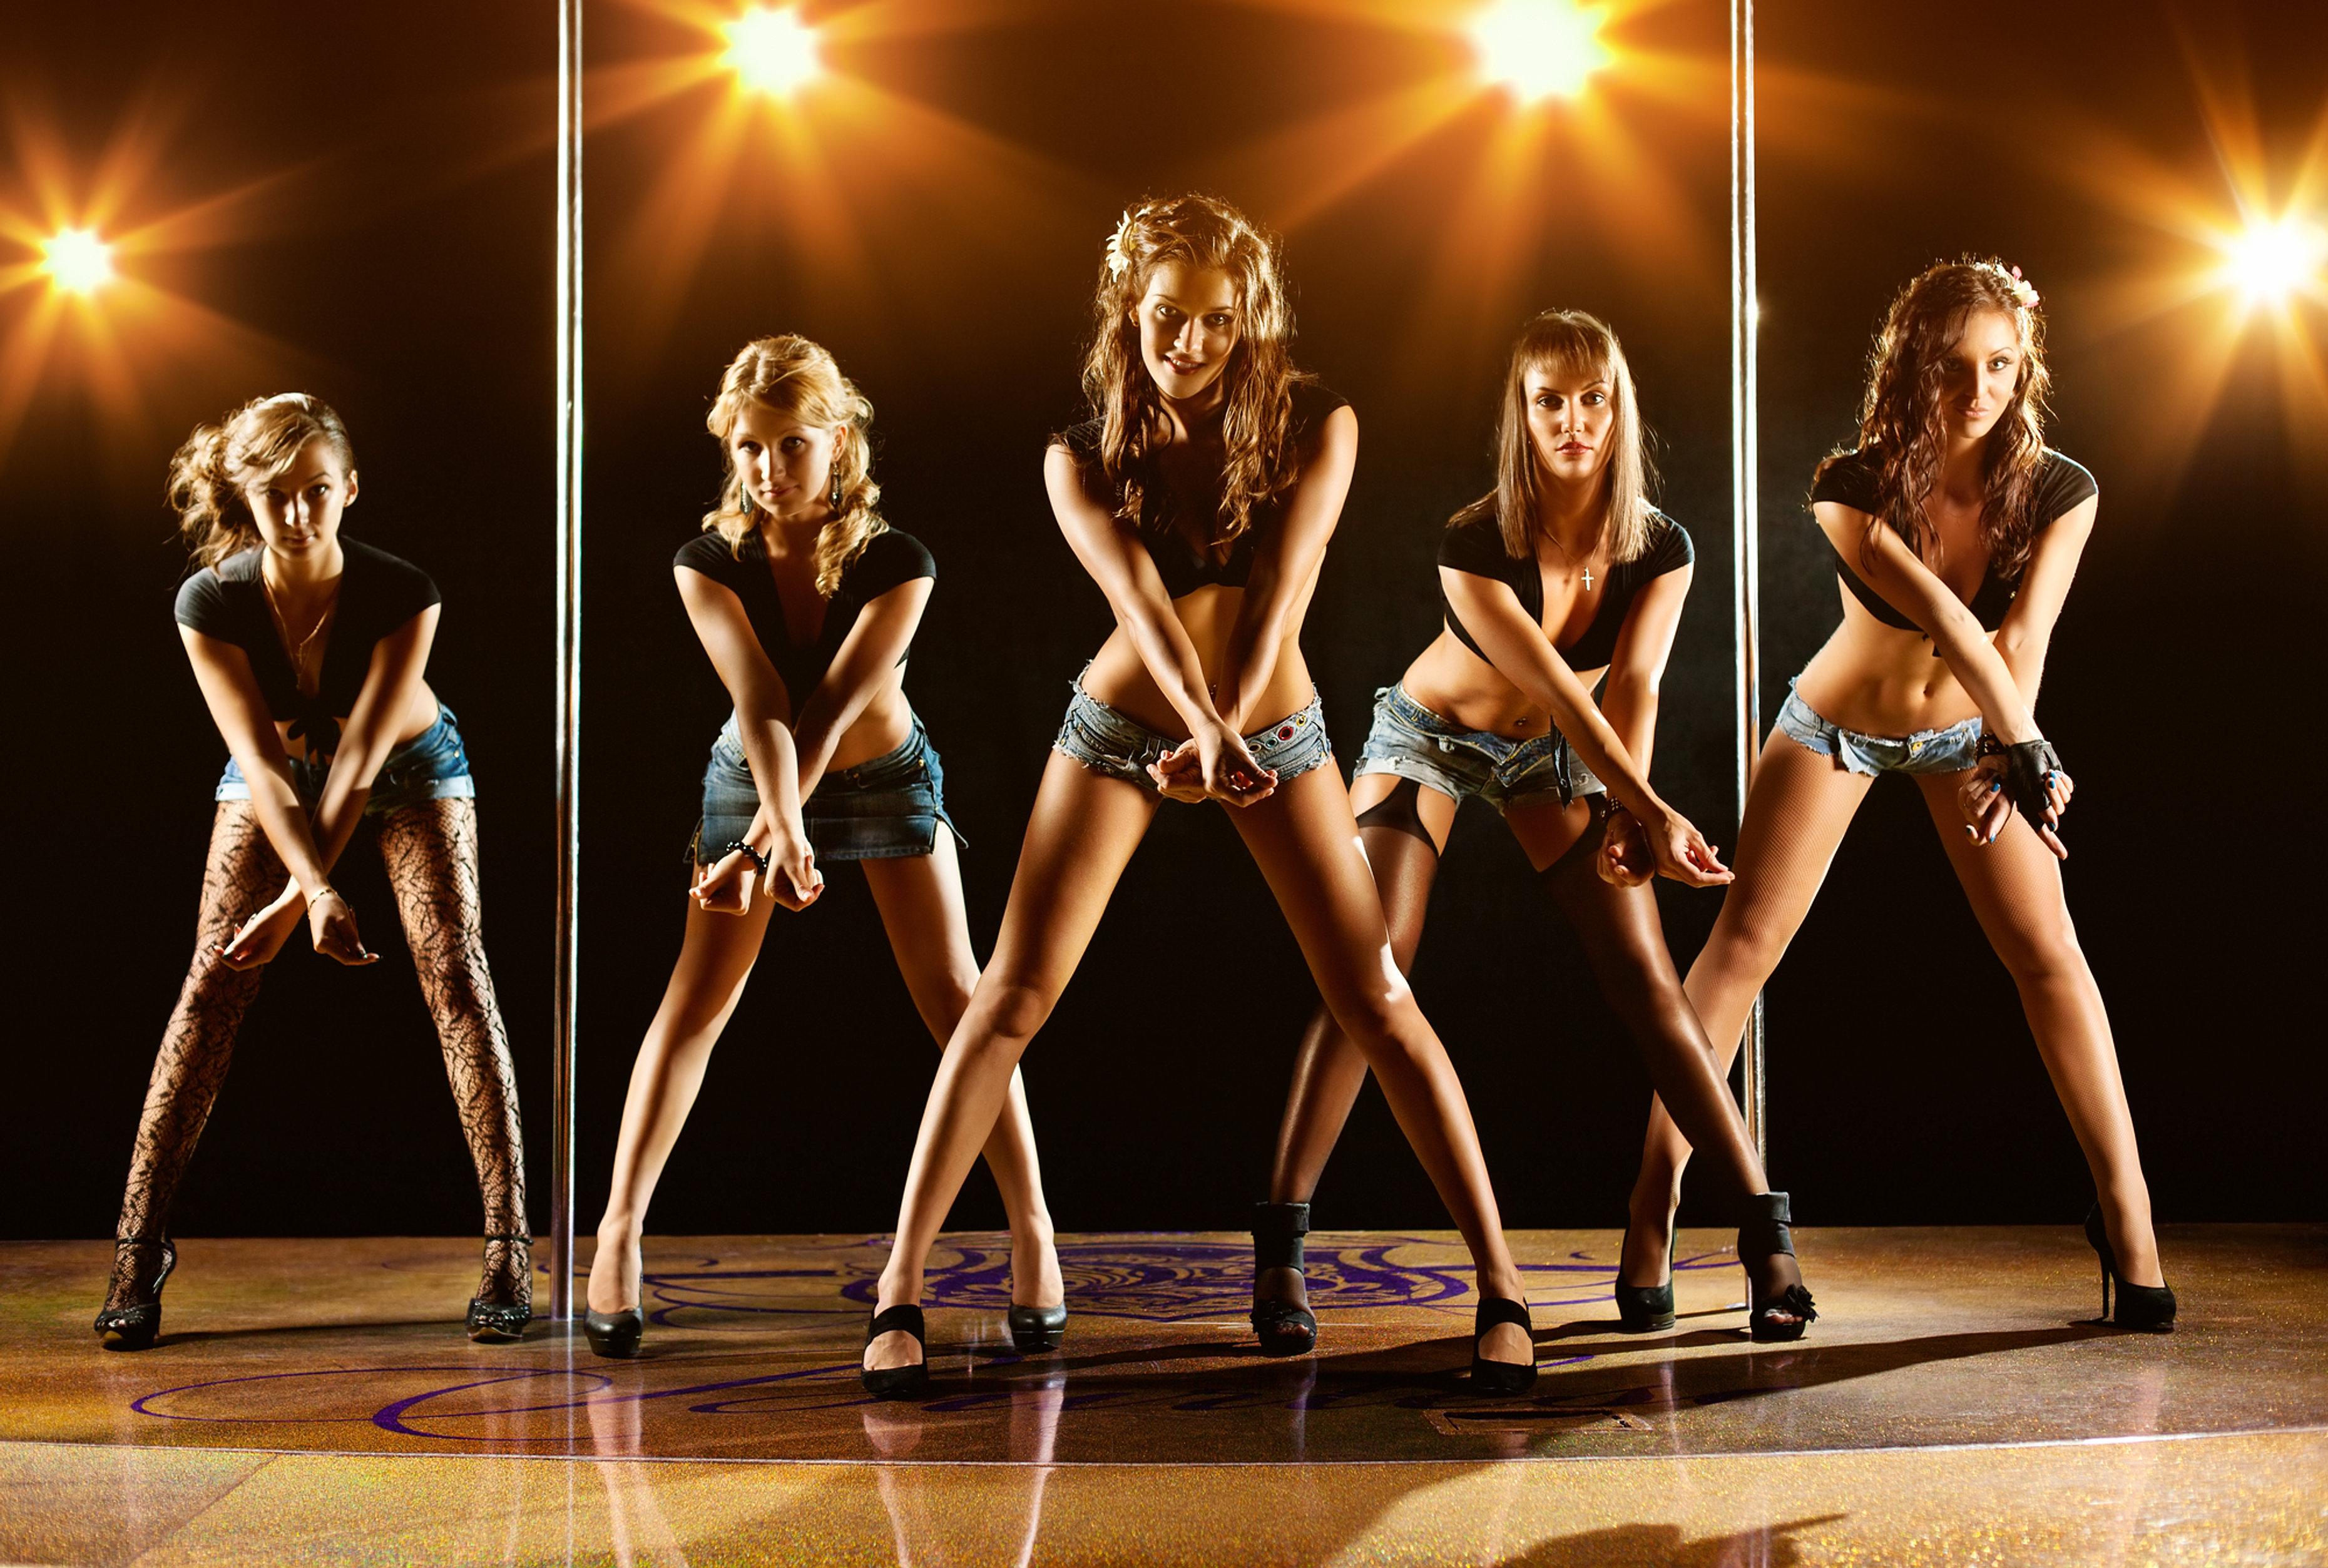 Танцы для взрослых женщины видео, как студентки бреют лобки видео